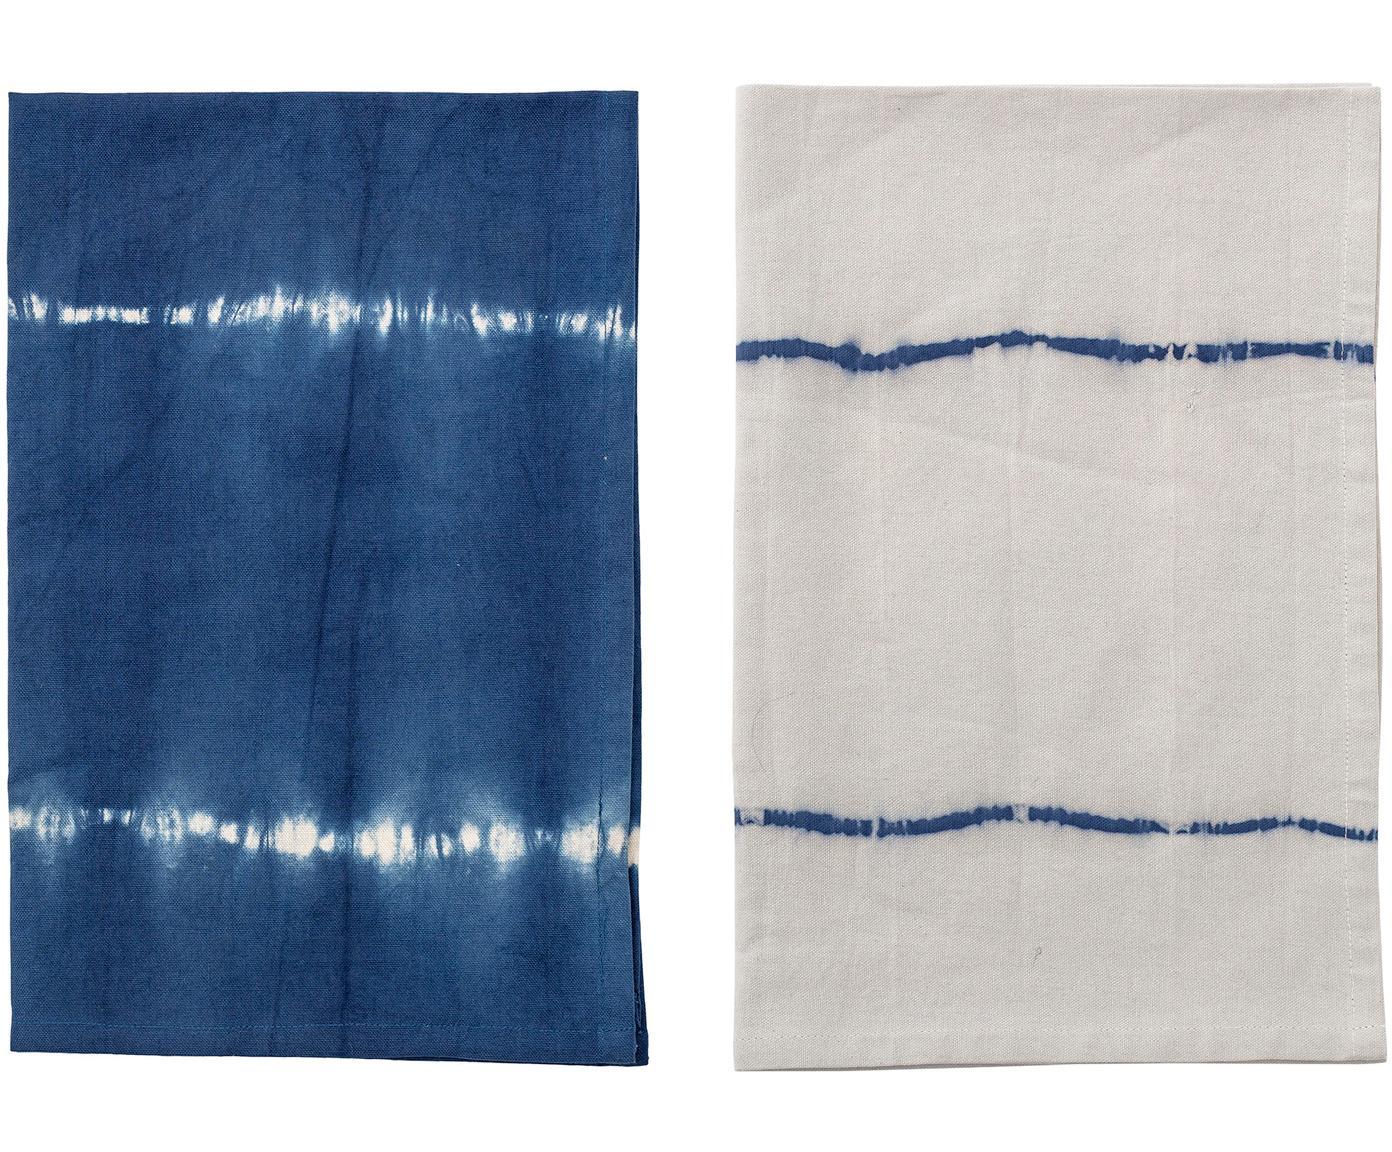 Paños de cocina Alston, 2uds., 100%algodón, Azul, An 45 x L 70 cm